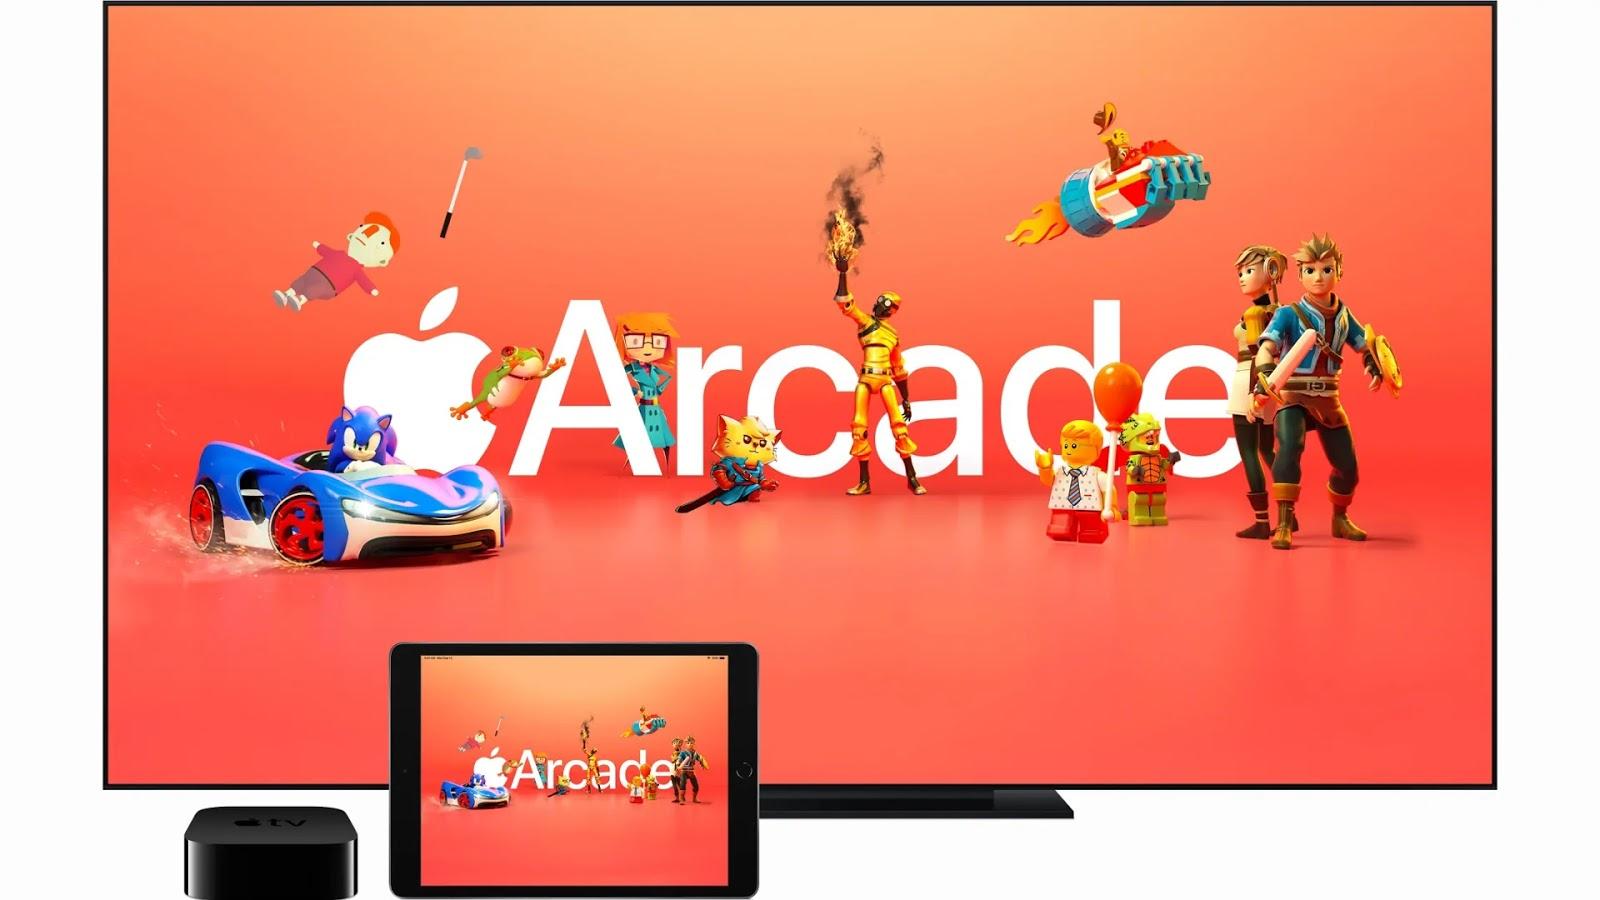 สร้างรายได้จากเกมด้วยเม็ดเงินโฆษณา หลัง Apple อัปเกรด iOS 14.5